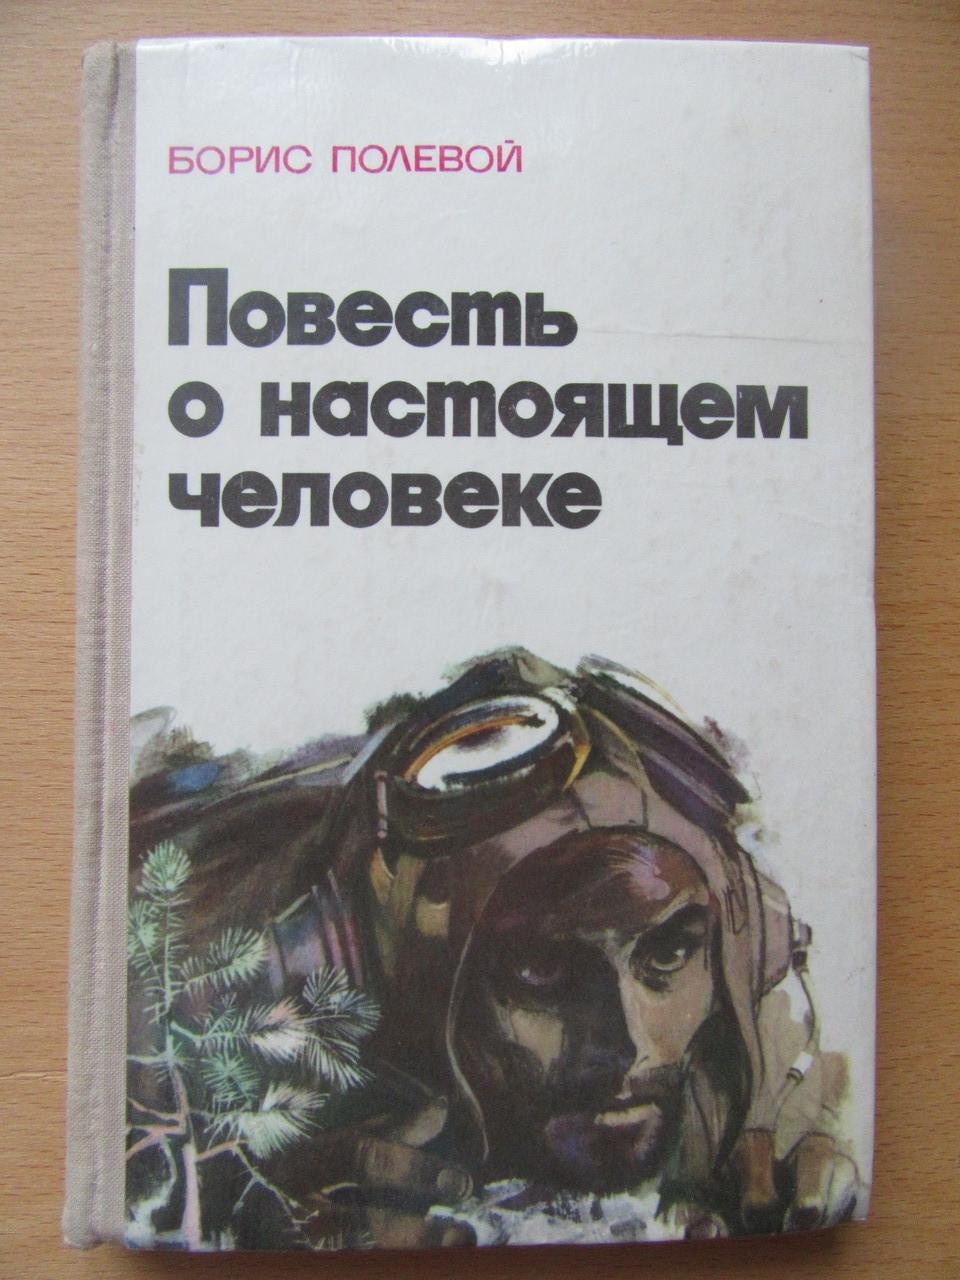 Борис Полевой. Повесть о настоящем человеке. 1978г